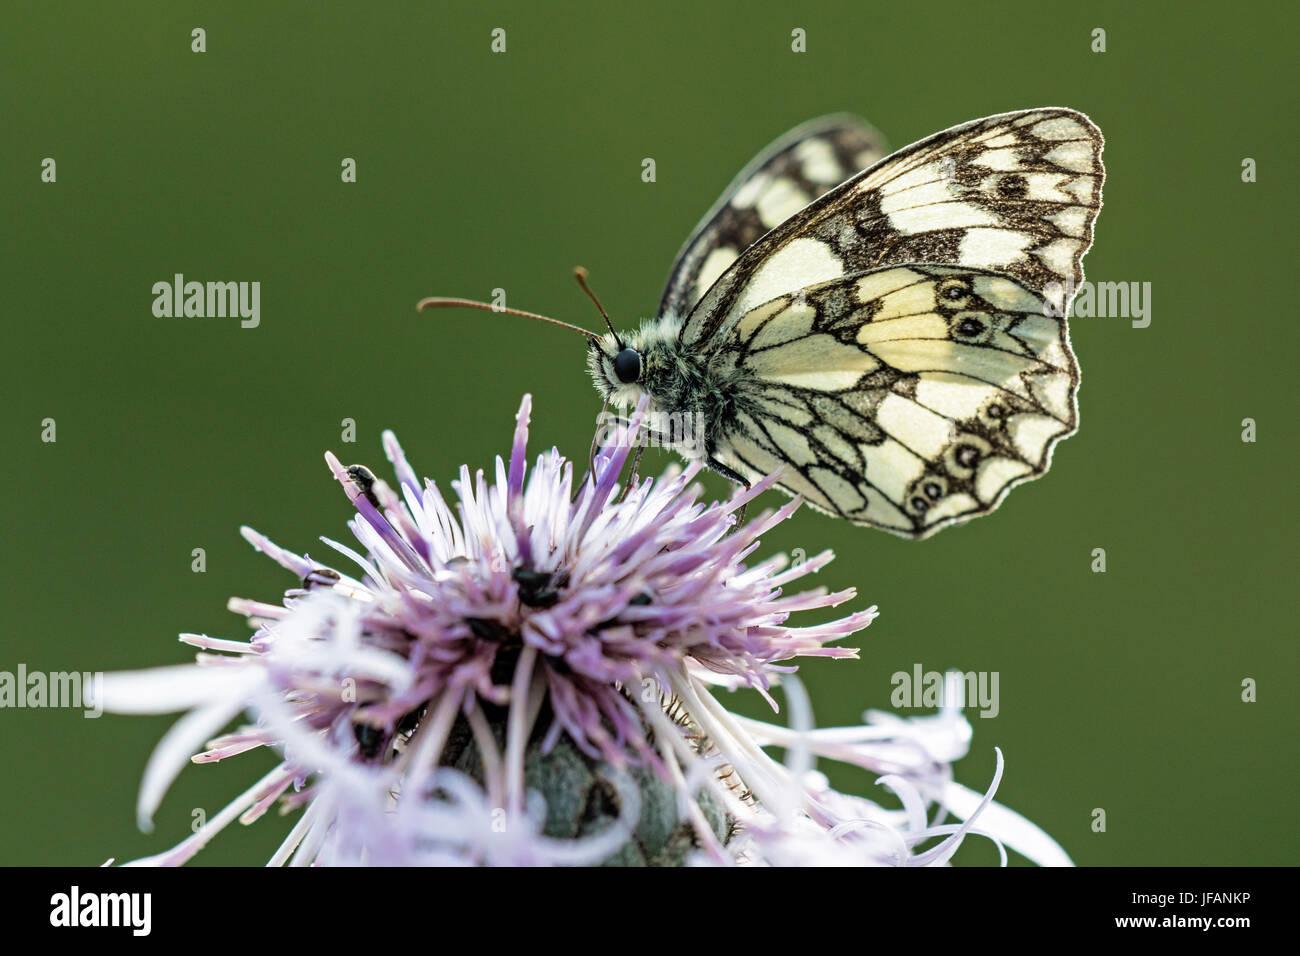 Marmorierte weißer Schmetterling (Melanargia Galathea) Nectaring auf Blume, Devil es Dyke, Cambridgeshire Stockbild